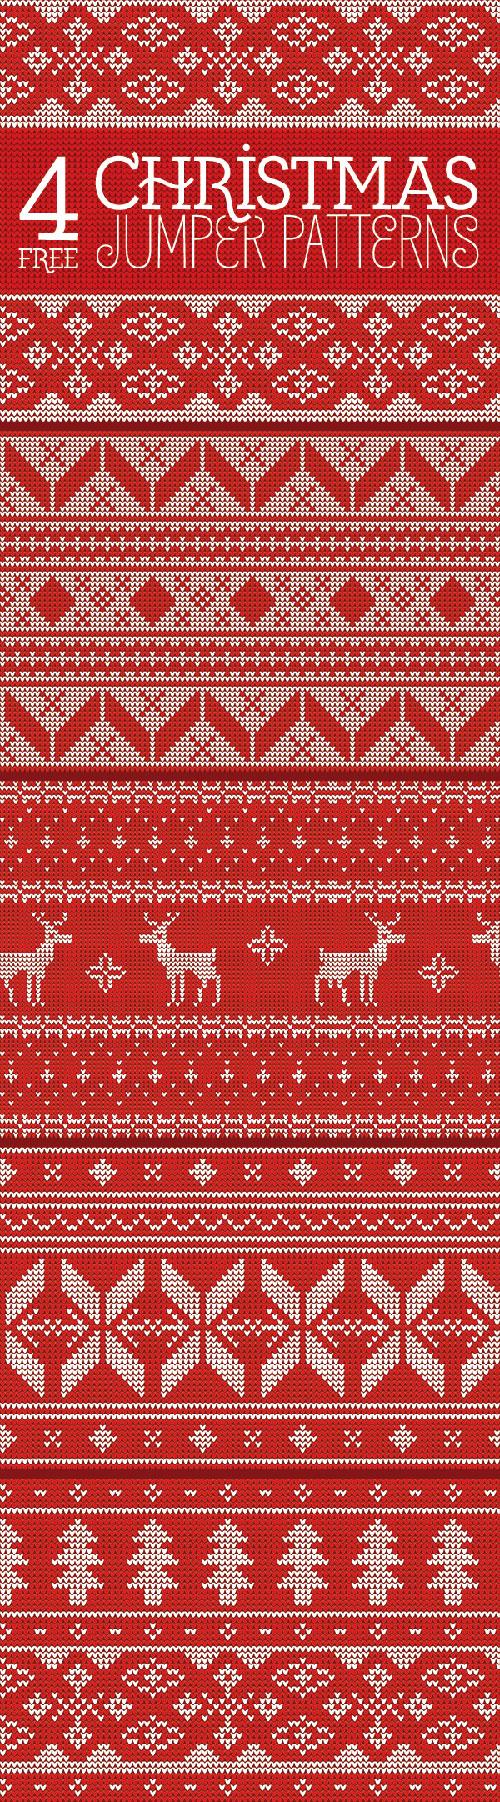 クリスマスのデザイン素材に!無料で使えるPhotoshop用シームレスパターン180+